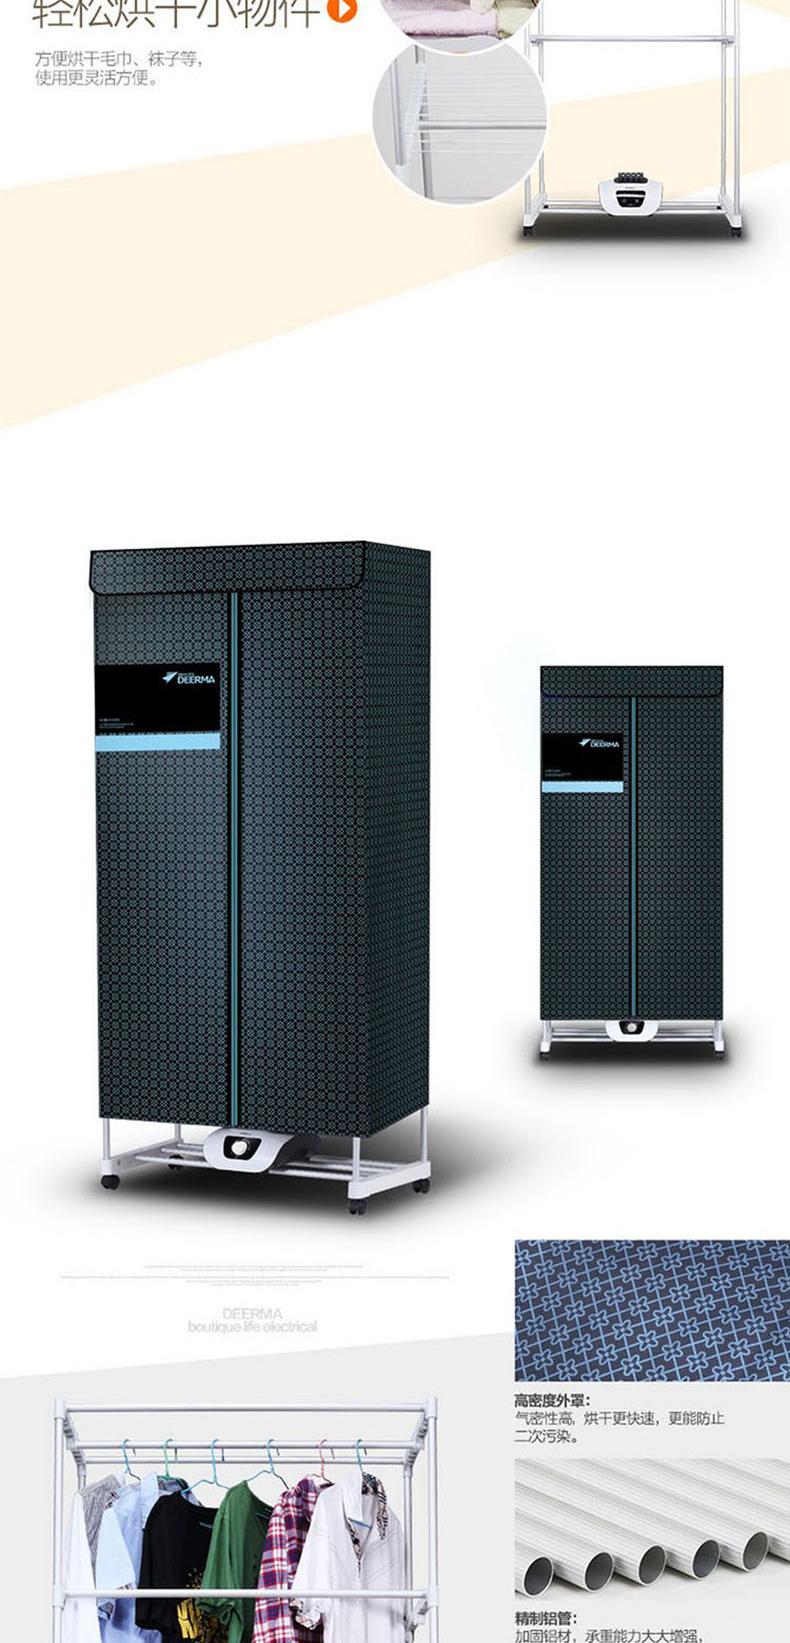 德尔玛干衣机家用省电超静音 可折叠双层衣柜烘干机器宝宝专用R10产地